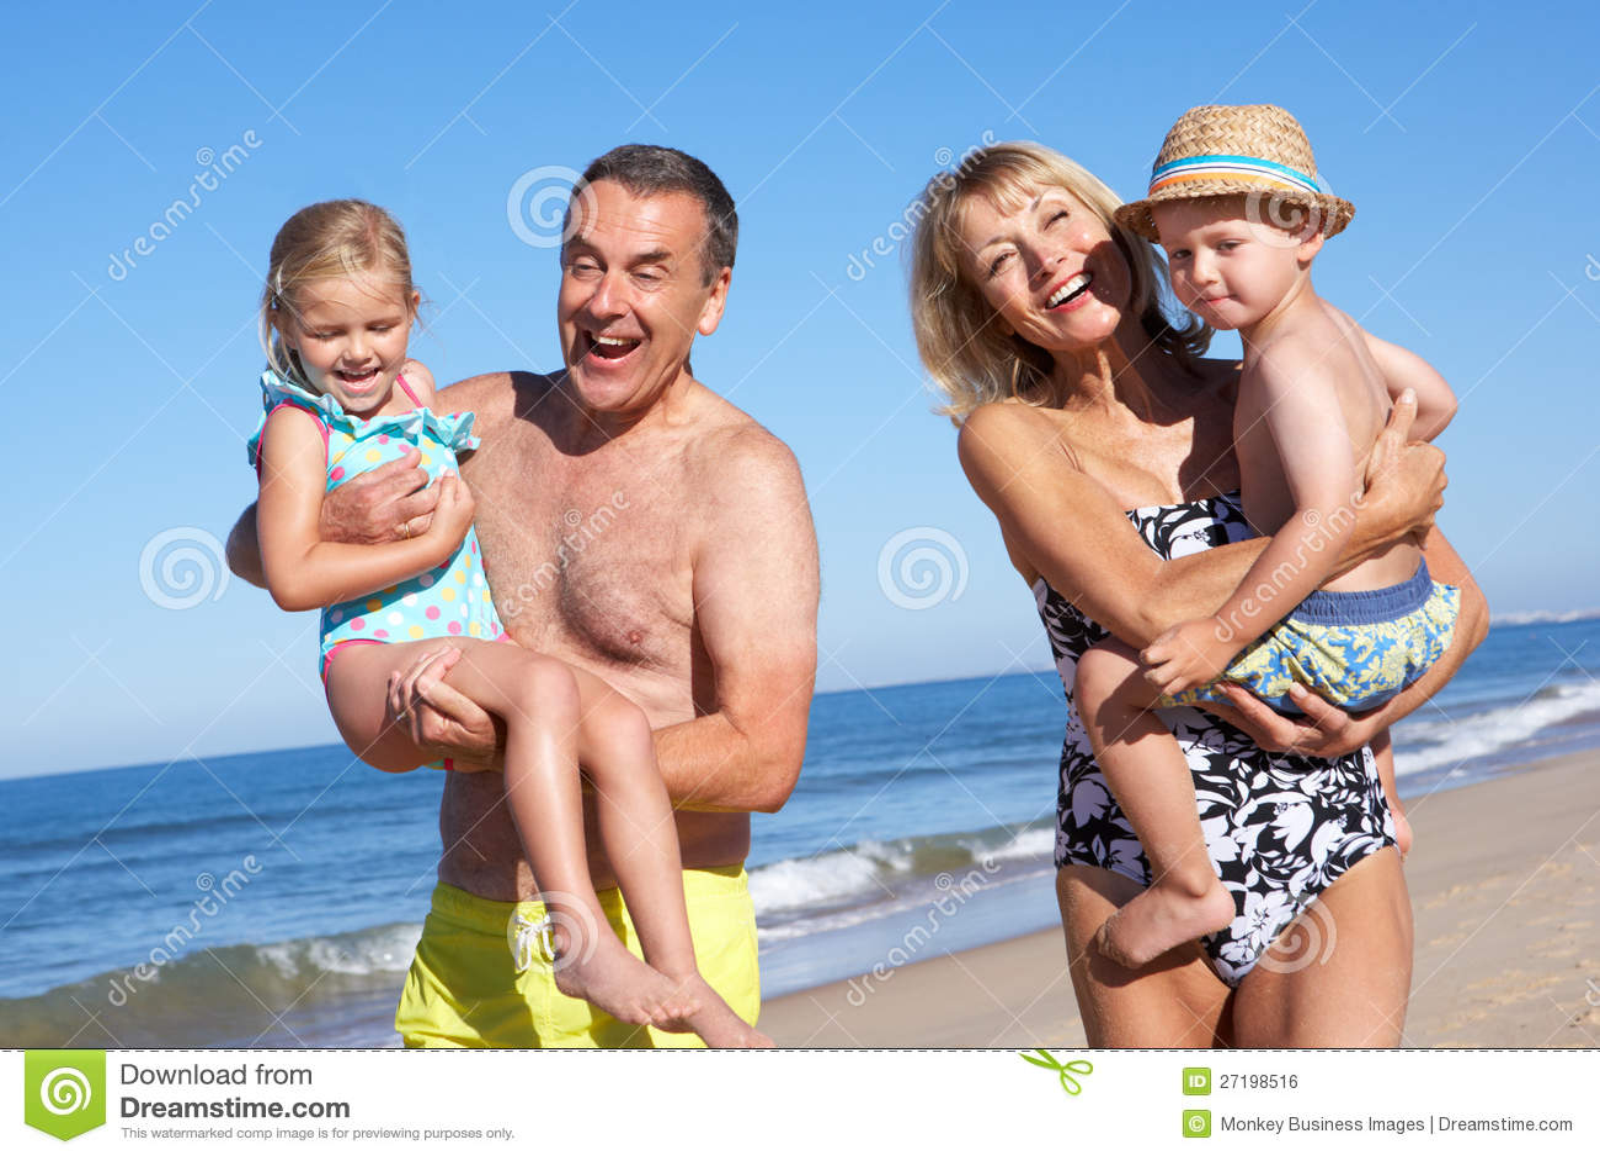 Фото бабушки на пляже 6 фотография